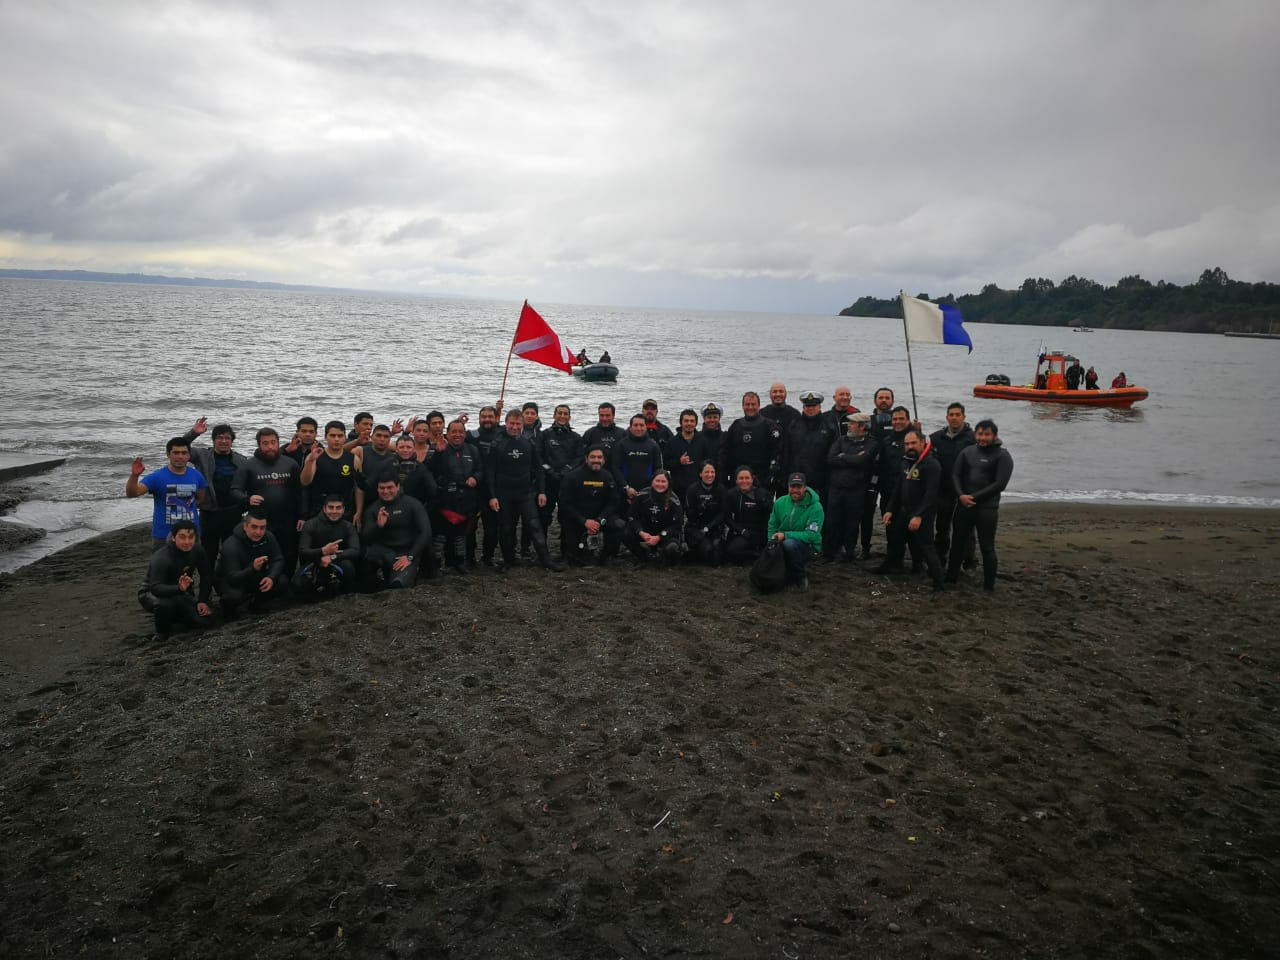 Diario Puerto Varas Club Cangrejos. 33 buzos voluntarios extraen 1.5 toneladas de basura del lago Llanquihue